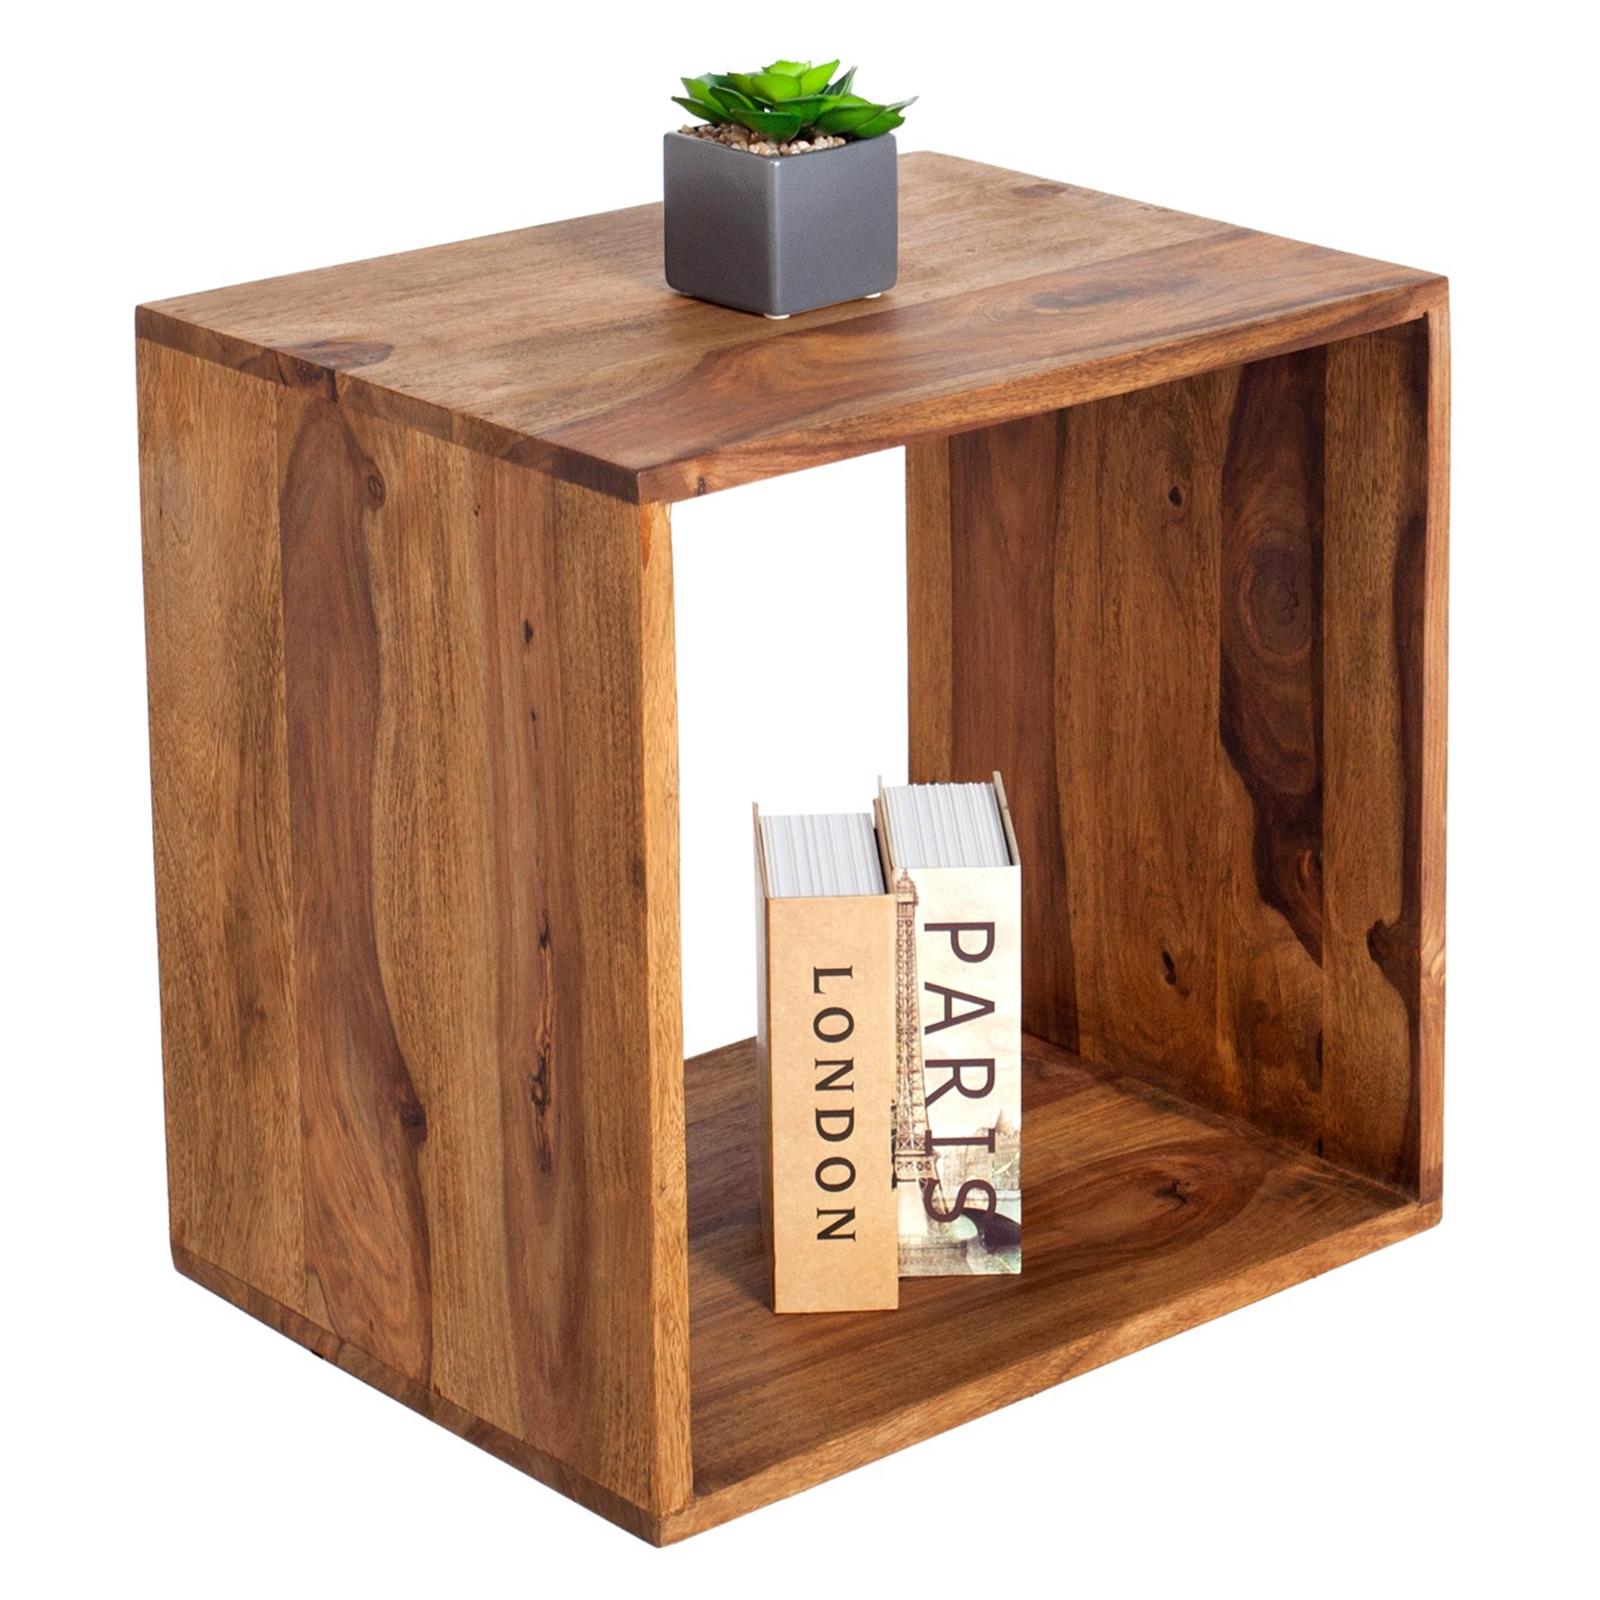 Full Size of Sheesham Regal Holz Massivholz New York Cd Regal Gebraucht Regalbrett Ebay Amazon Kleinanzeigen 4250371525954 Günstige Regale Esstisch Kernbuche Raumteiler Regal Sheesham Regal